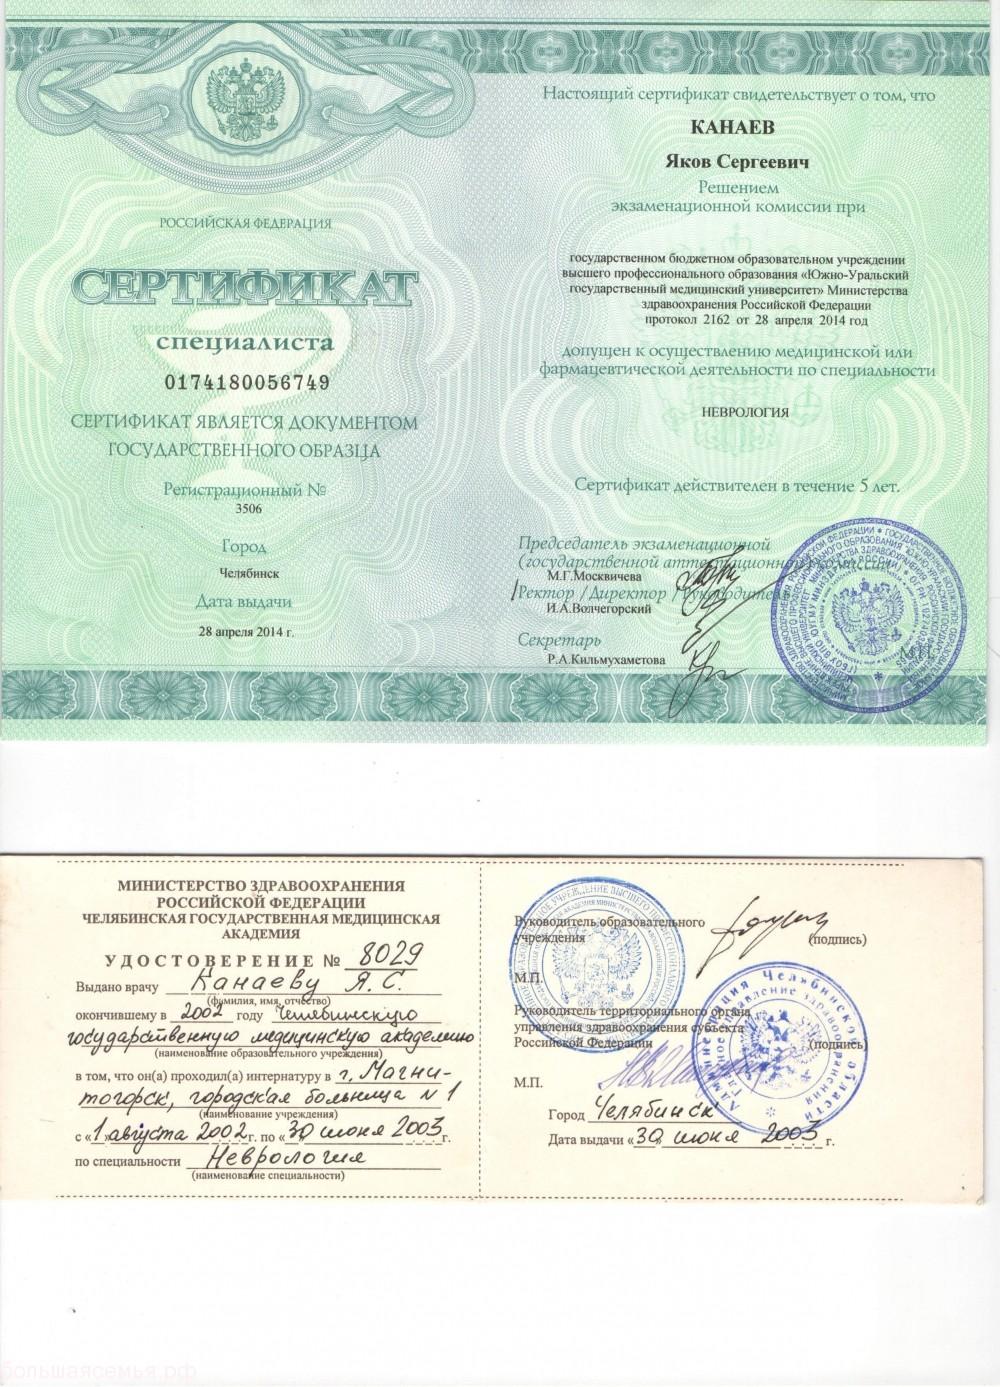 Канаев Яков Сергеевич невролог, физиотерапевт - 3